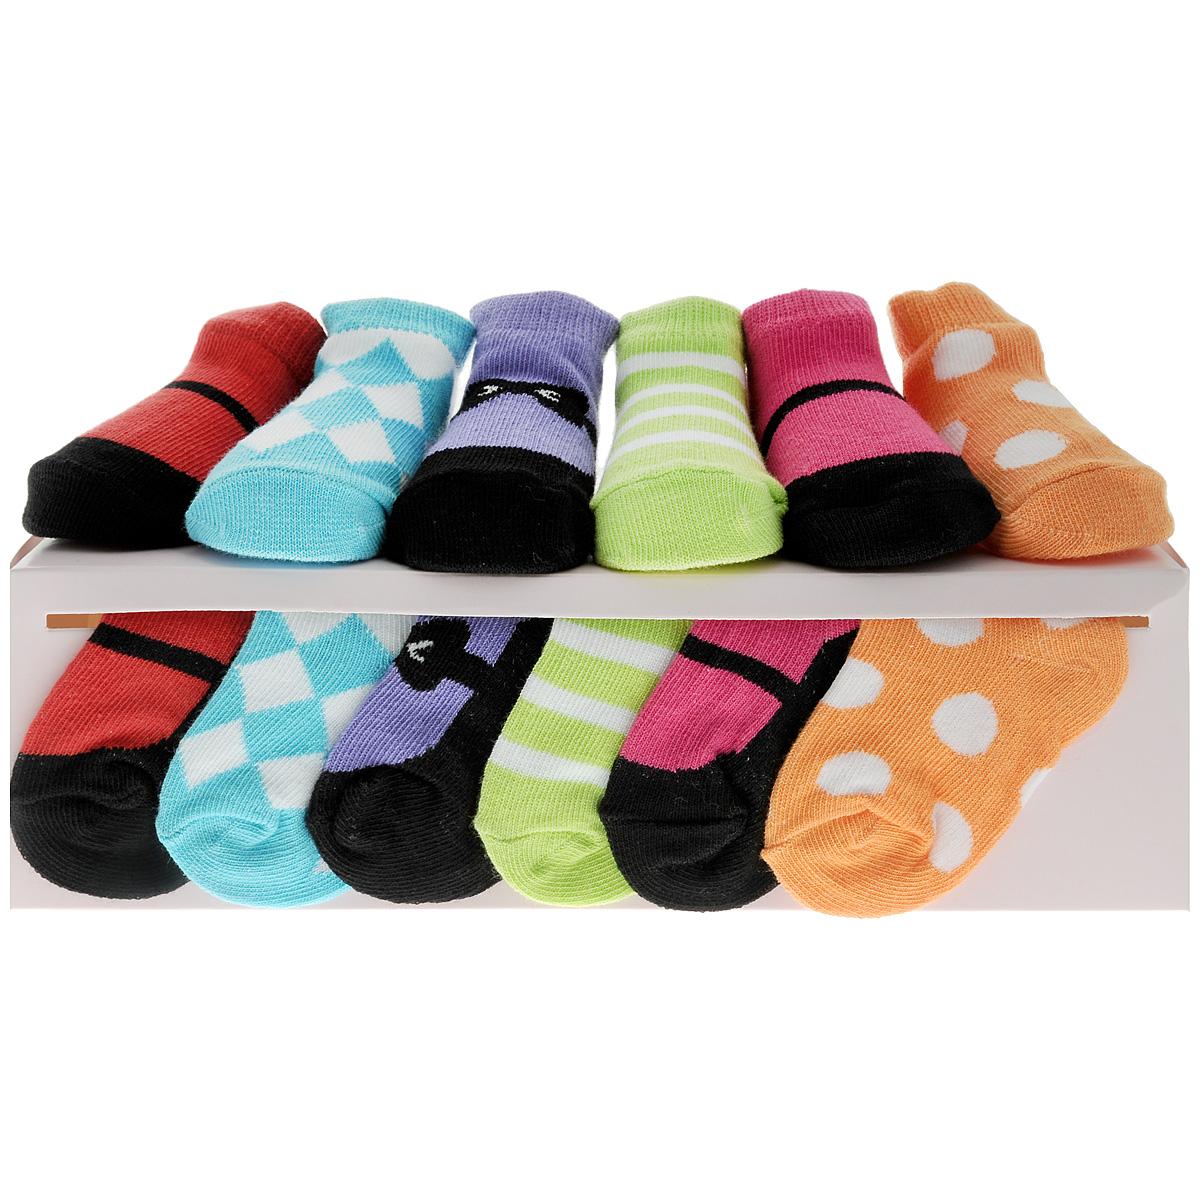 Носки07130Комфортные, прочные и красивые детские носки Luvable Friends очень мягкие на ощупь, а широкая резинка плотно облегает ножку ребенка, не сдавливая ее, благодаря чему малышу будет комфортно и удобно. Подарочный комплект состоит из шести пар разноцветных носочков с оригинальным принтом. Носочки упакованы в красивую подарочную коробку с яркой лентой.